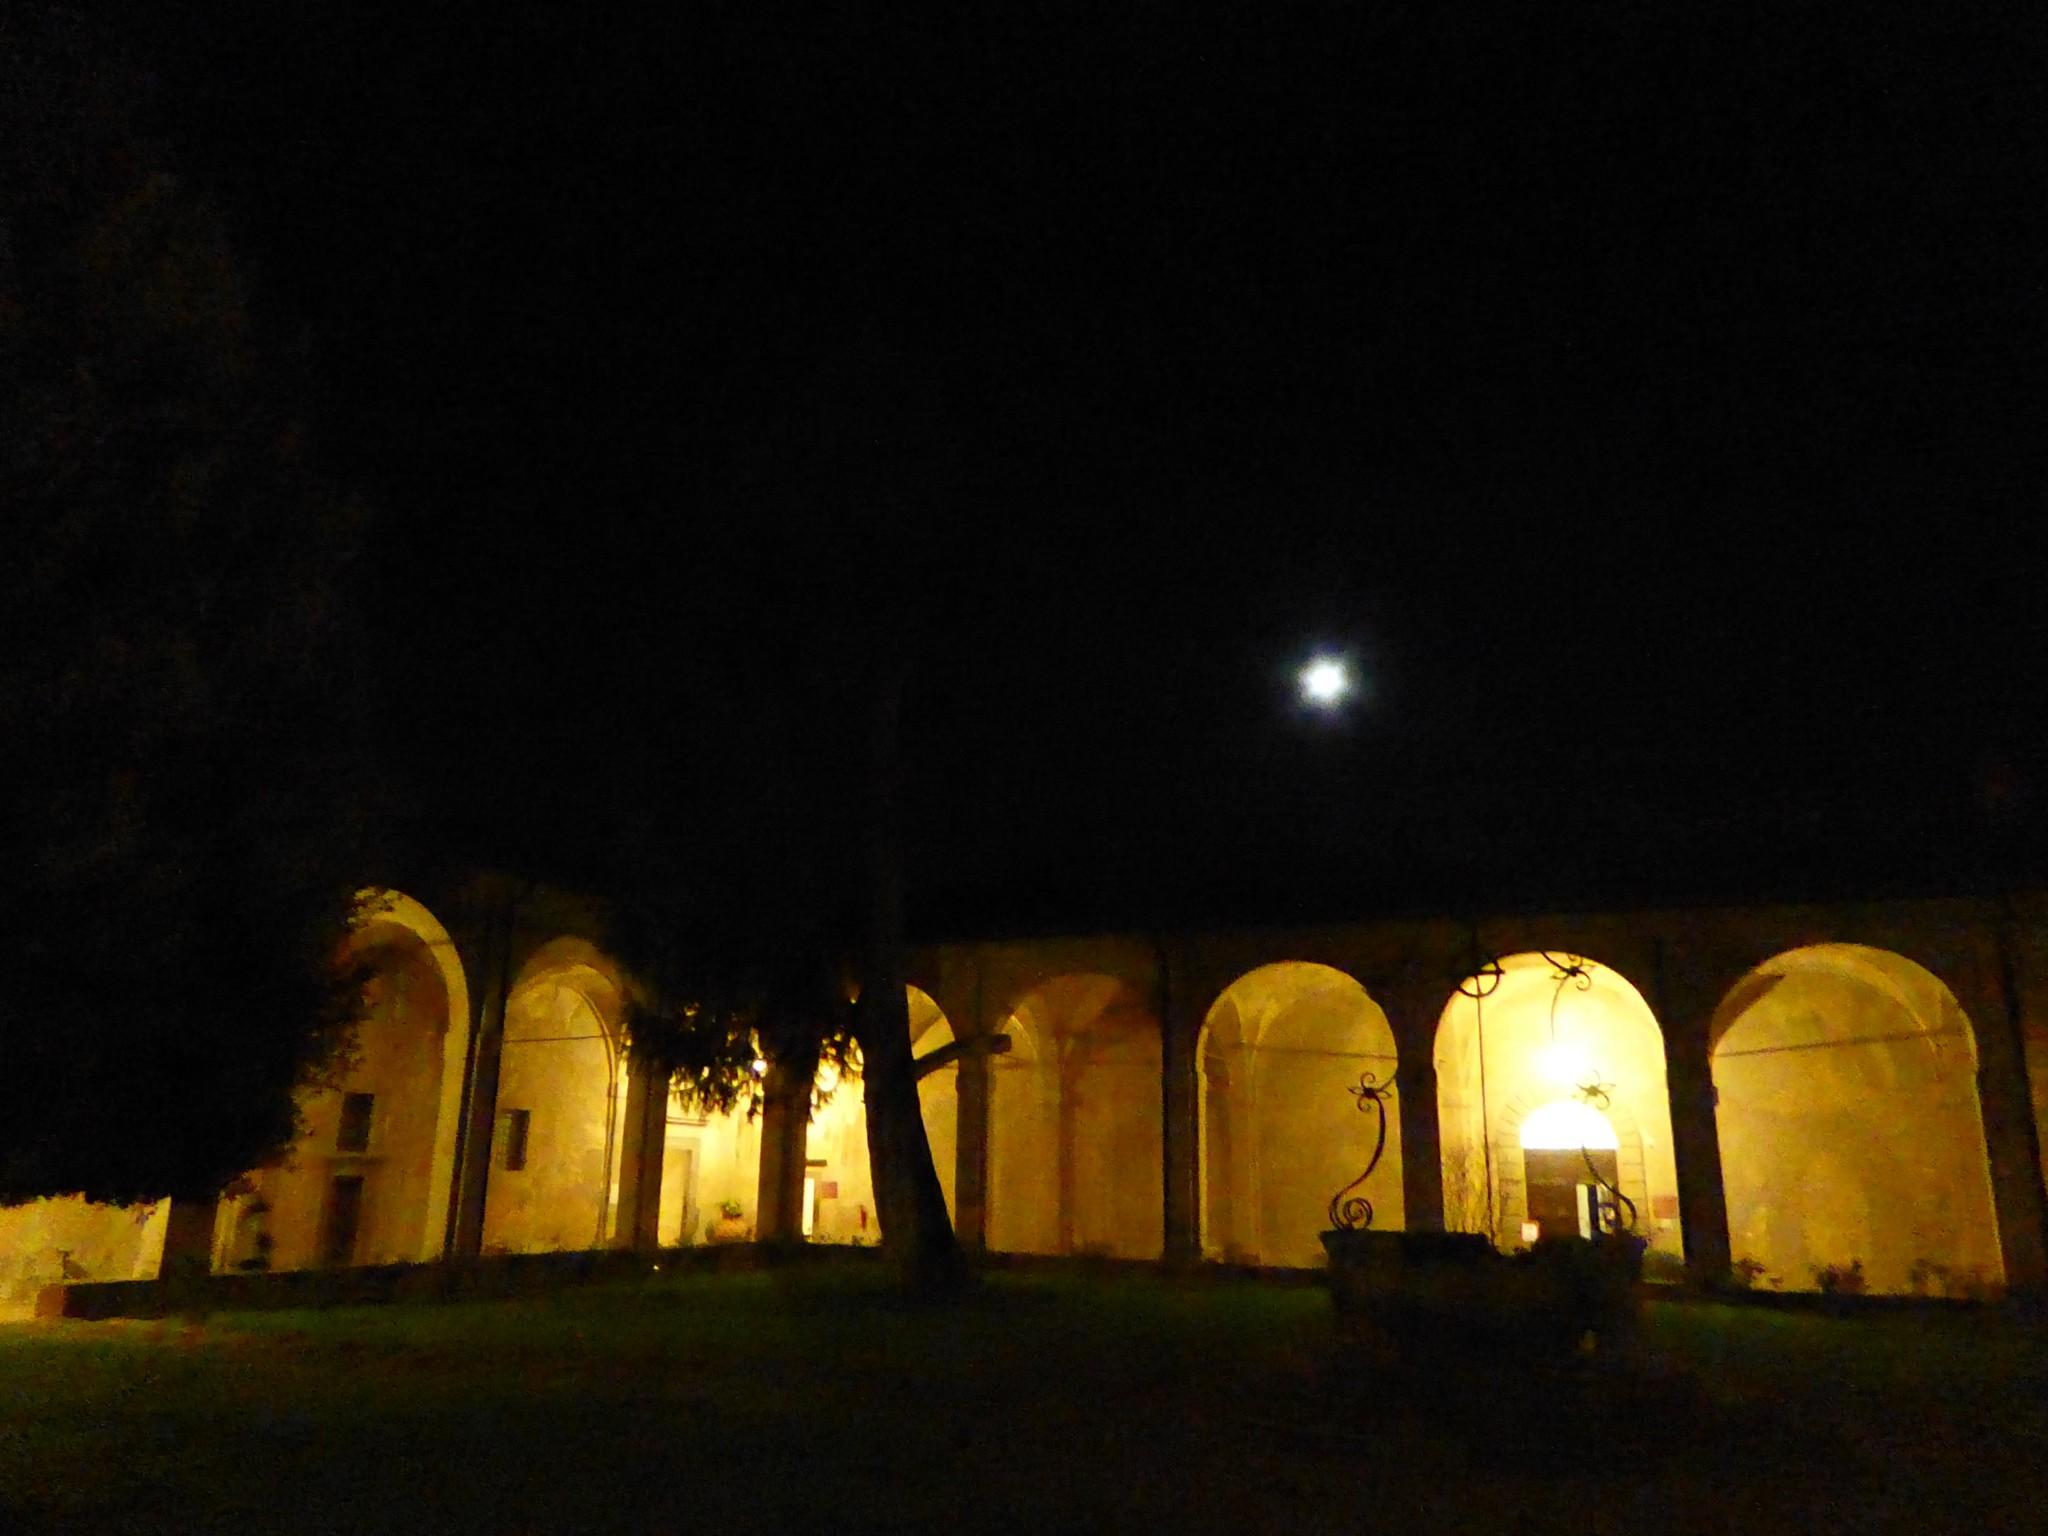 シエナのチェルトサ・ディ・ポンティニャノ(Certosa di Pontignano, Siena)